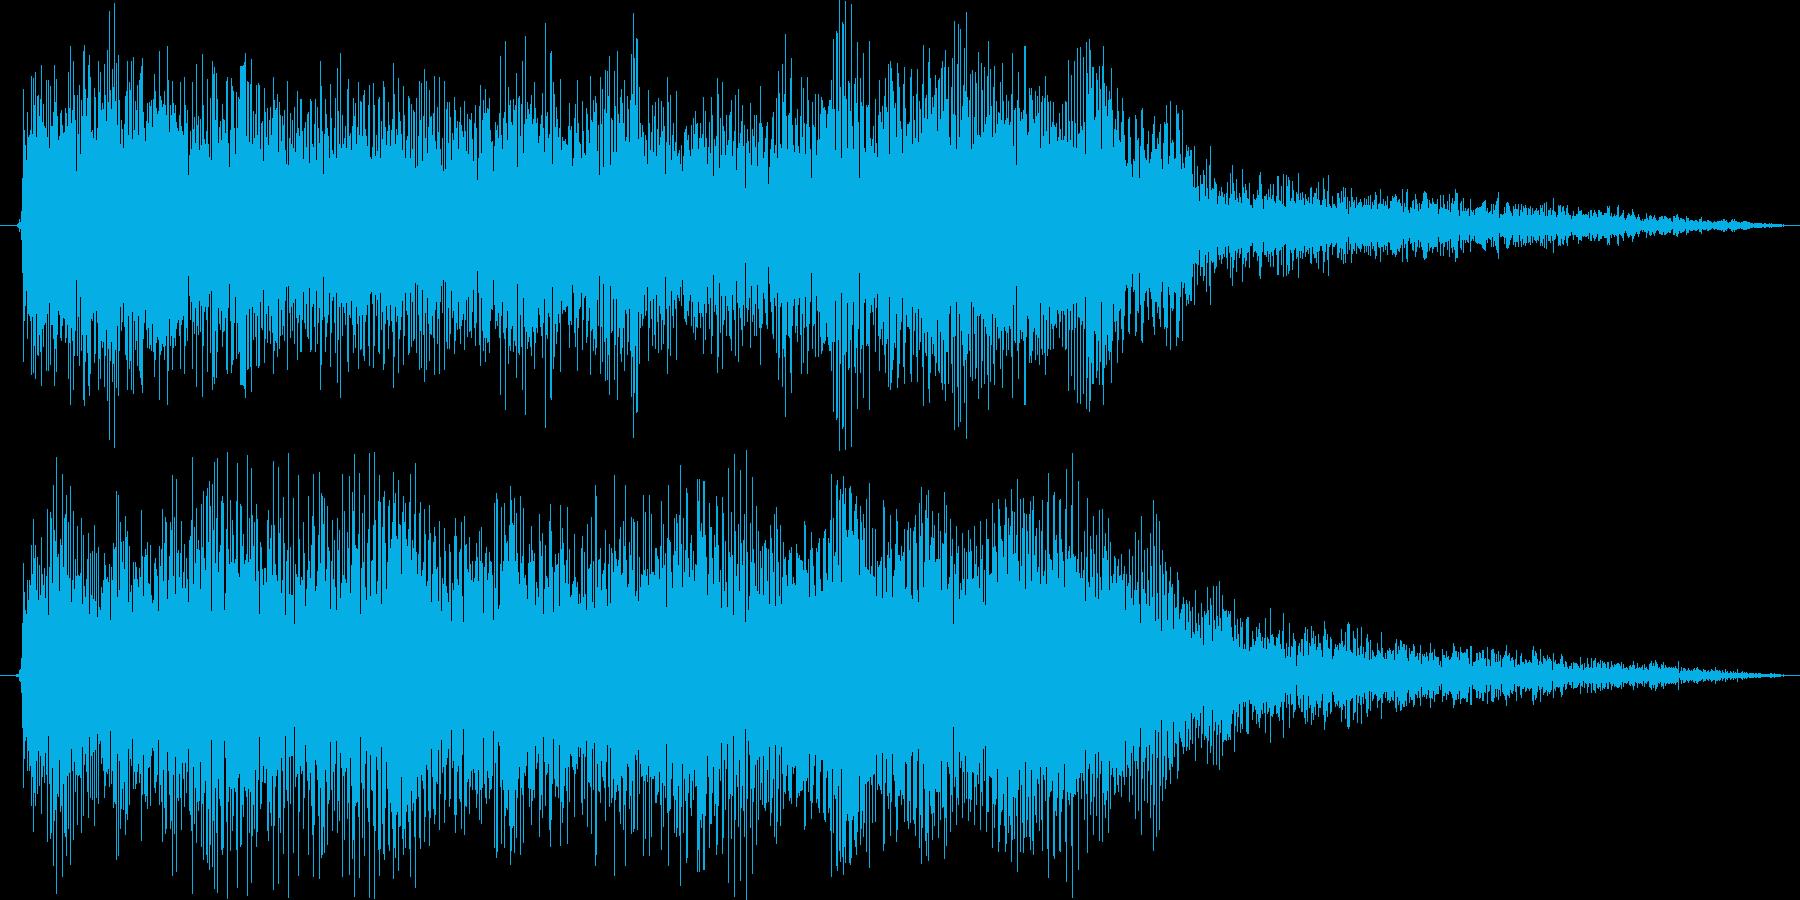 クラシックなイベントロスト曲2の再生済みの波形